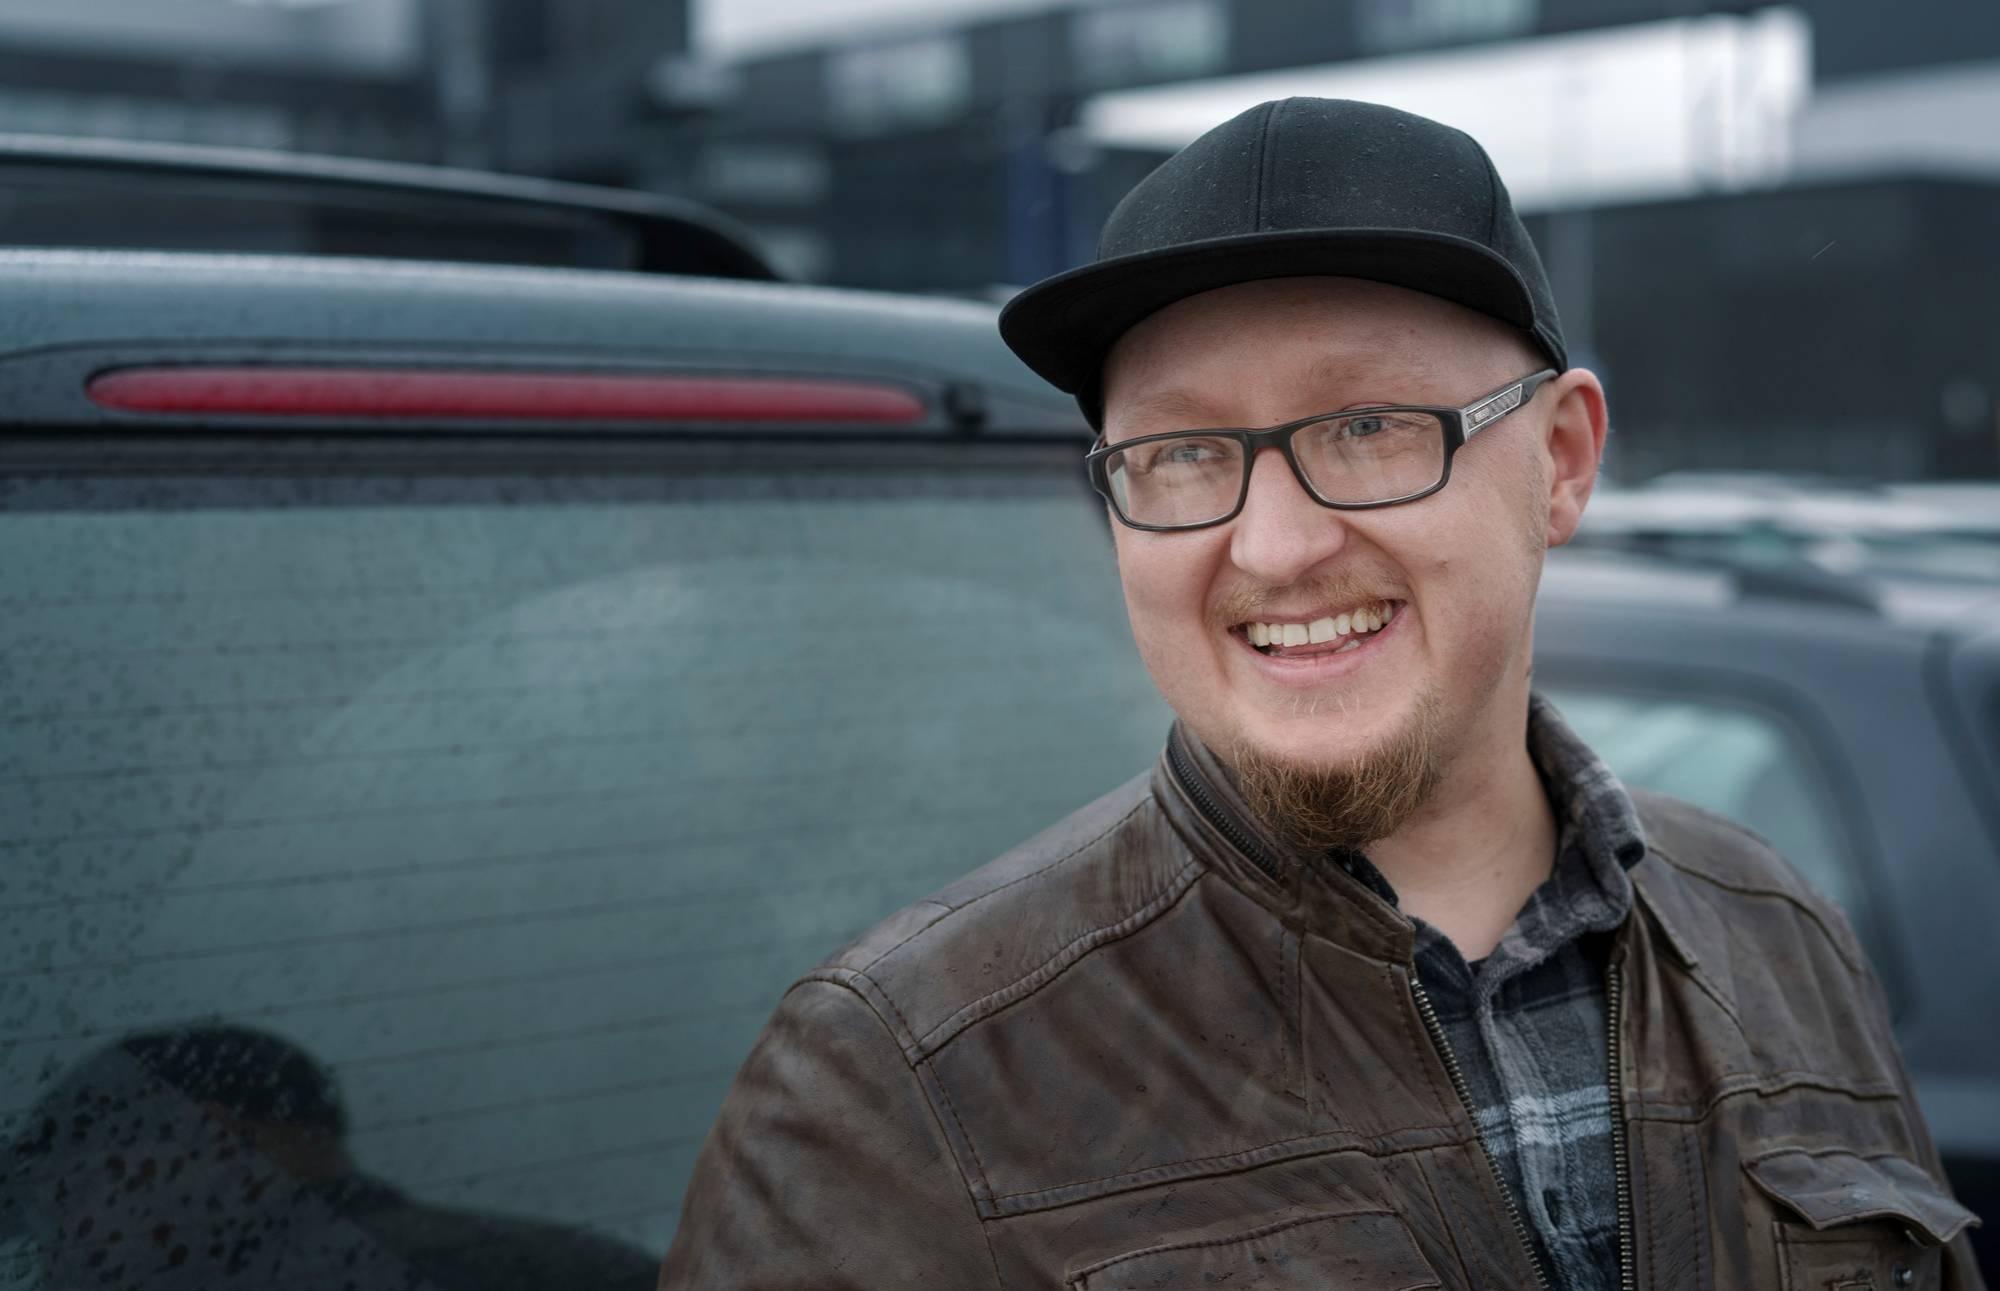 """""""Jotkut juovat rahansa, minun ei tarvitse, kun auto tekee sen puolestani"""", Hannu Ylikotila viittaa bensasyöppöön autoonsa. Työmatka kotiin Vantaalle on 35 km suuntaansa. Kuva: Jukka Rapo"""